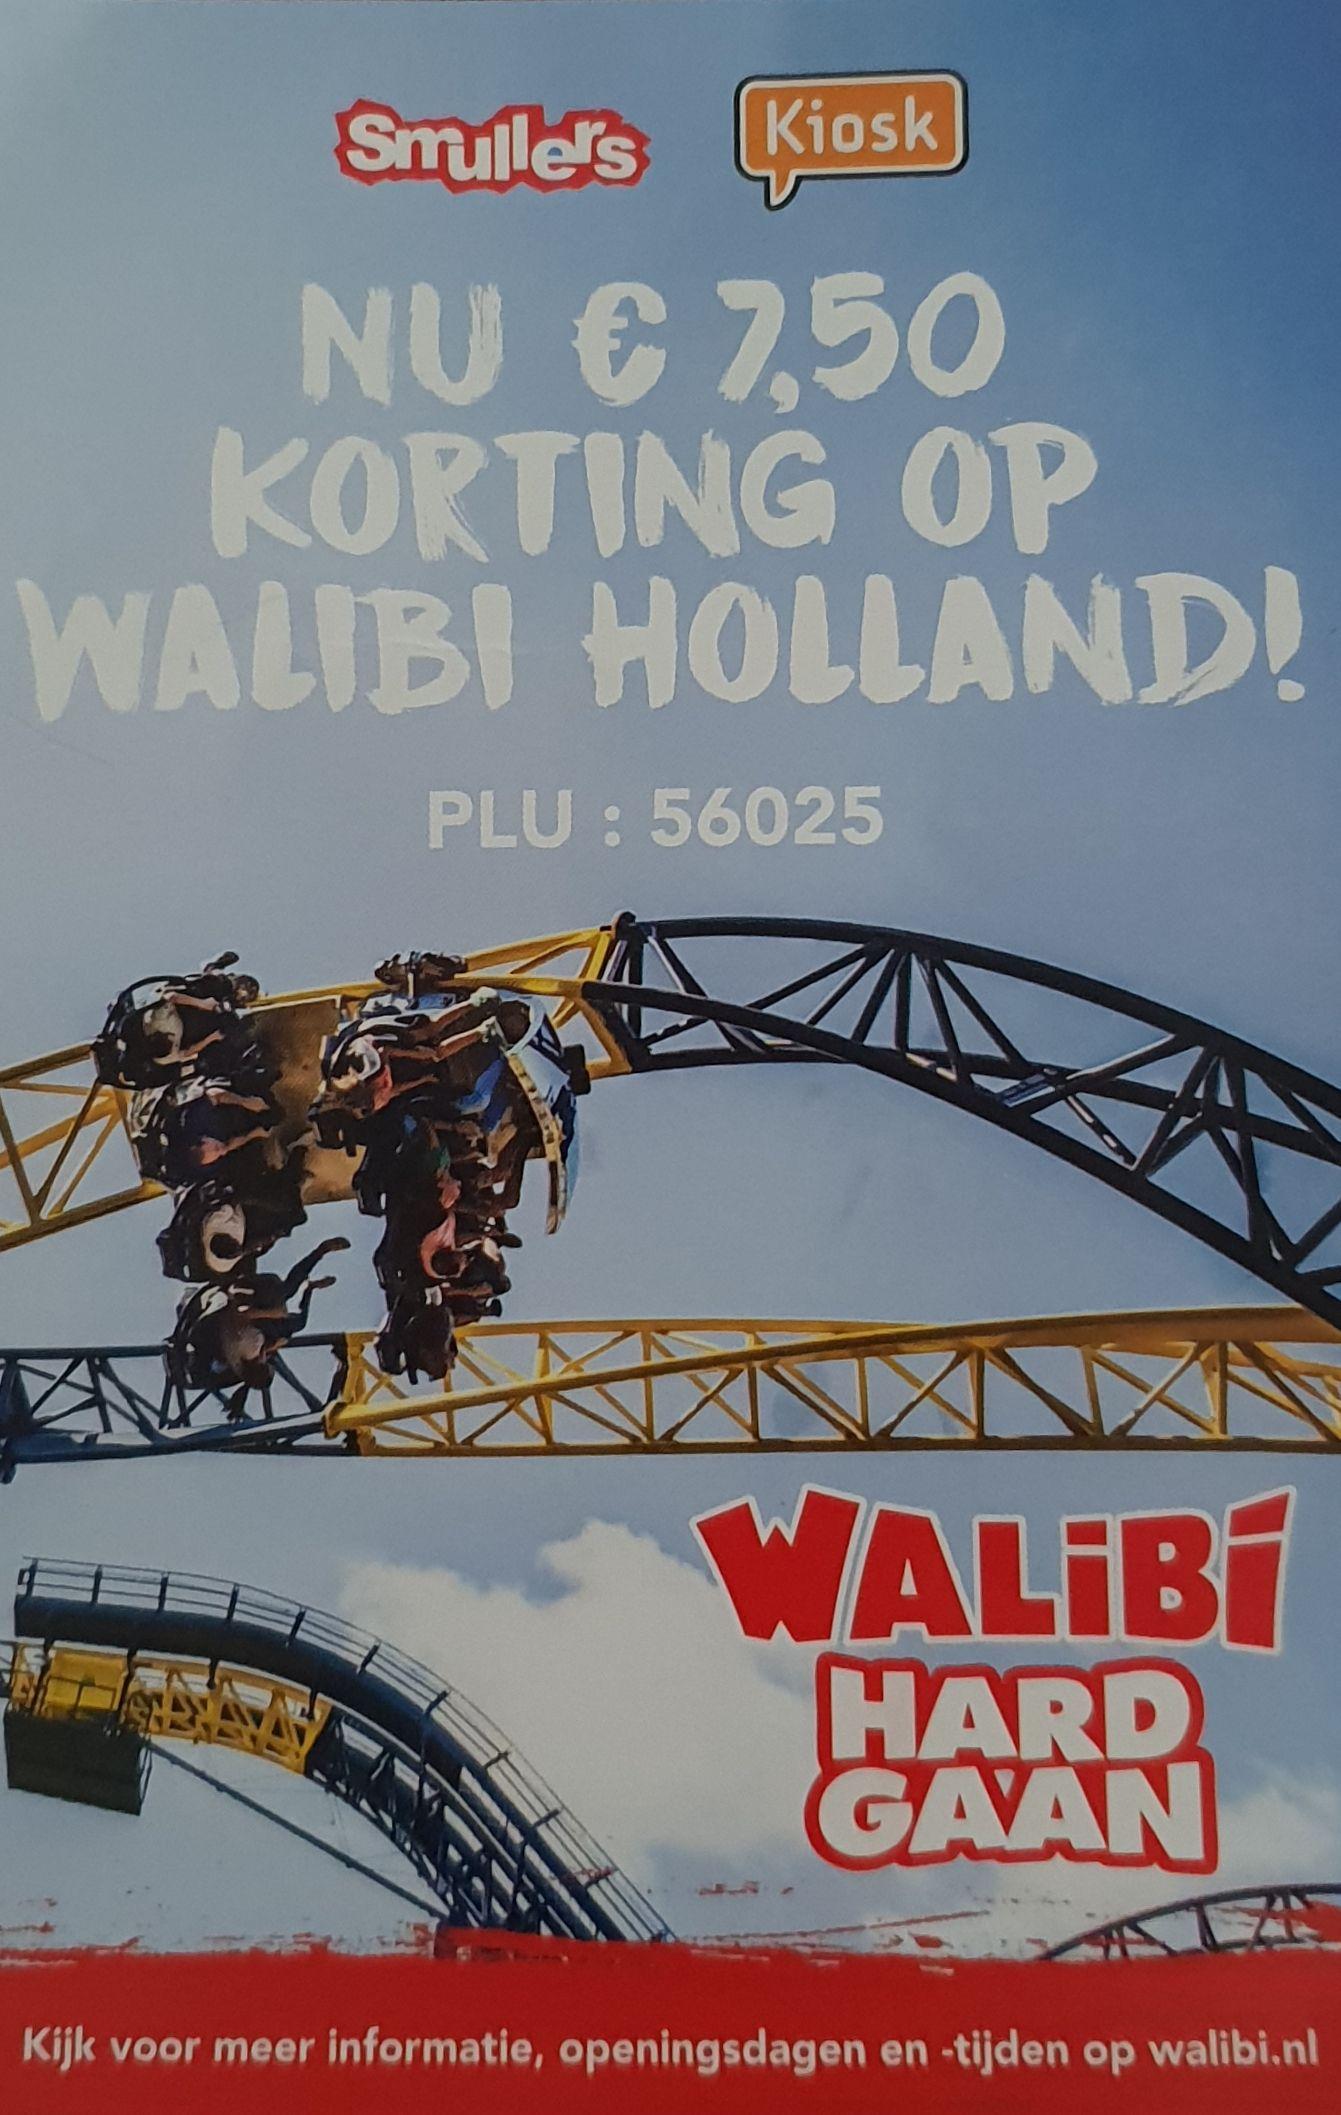 7,50 korting op Walibi Holland bij aankoop van Coca Cola producten @ Kiosk